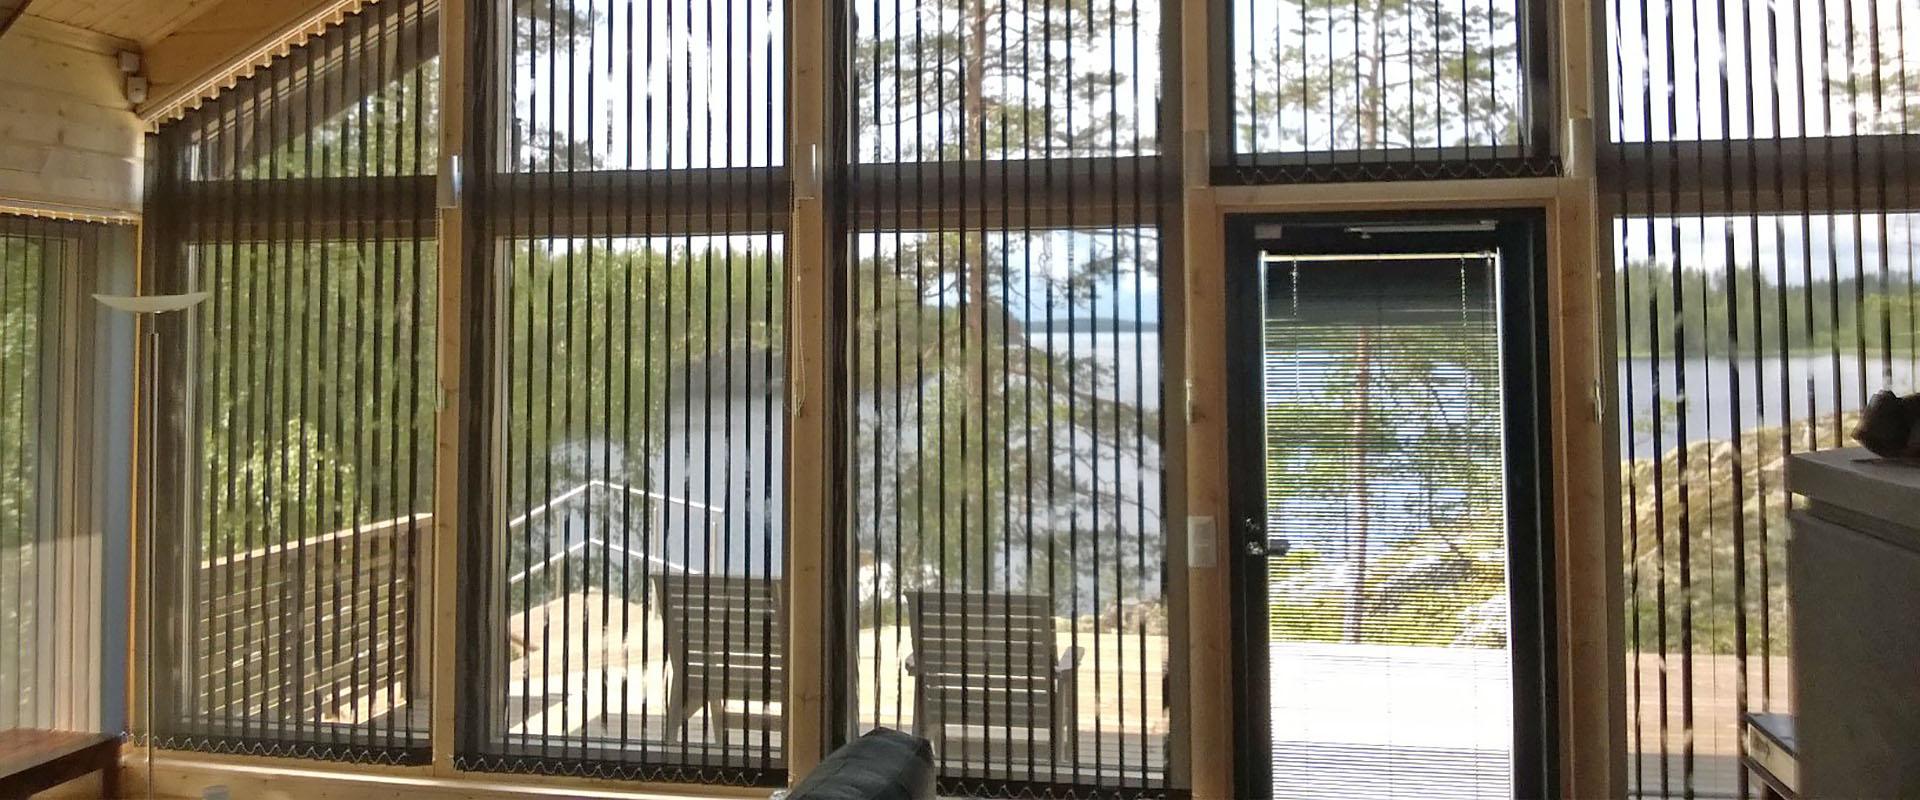 Screen kaihtimet sisätiloihin - Kaihdin Sampo Oy - Tampere